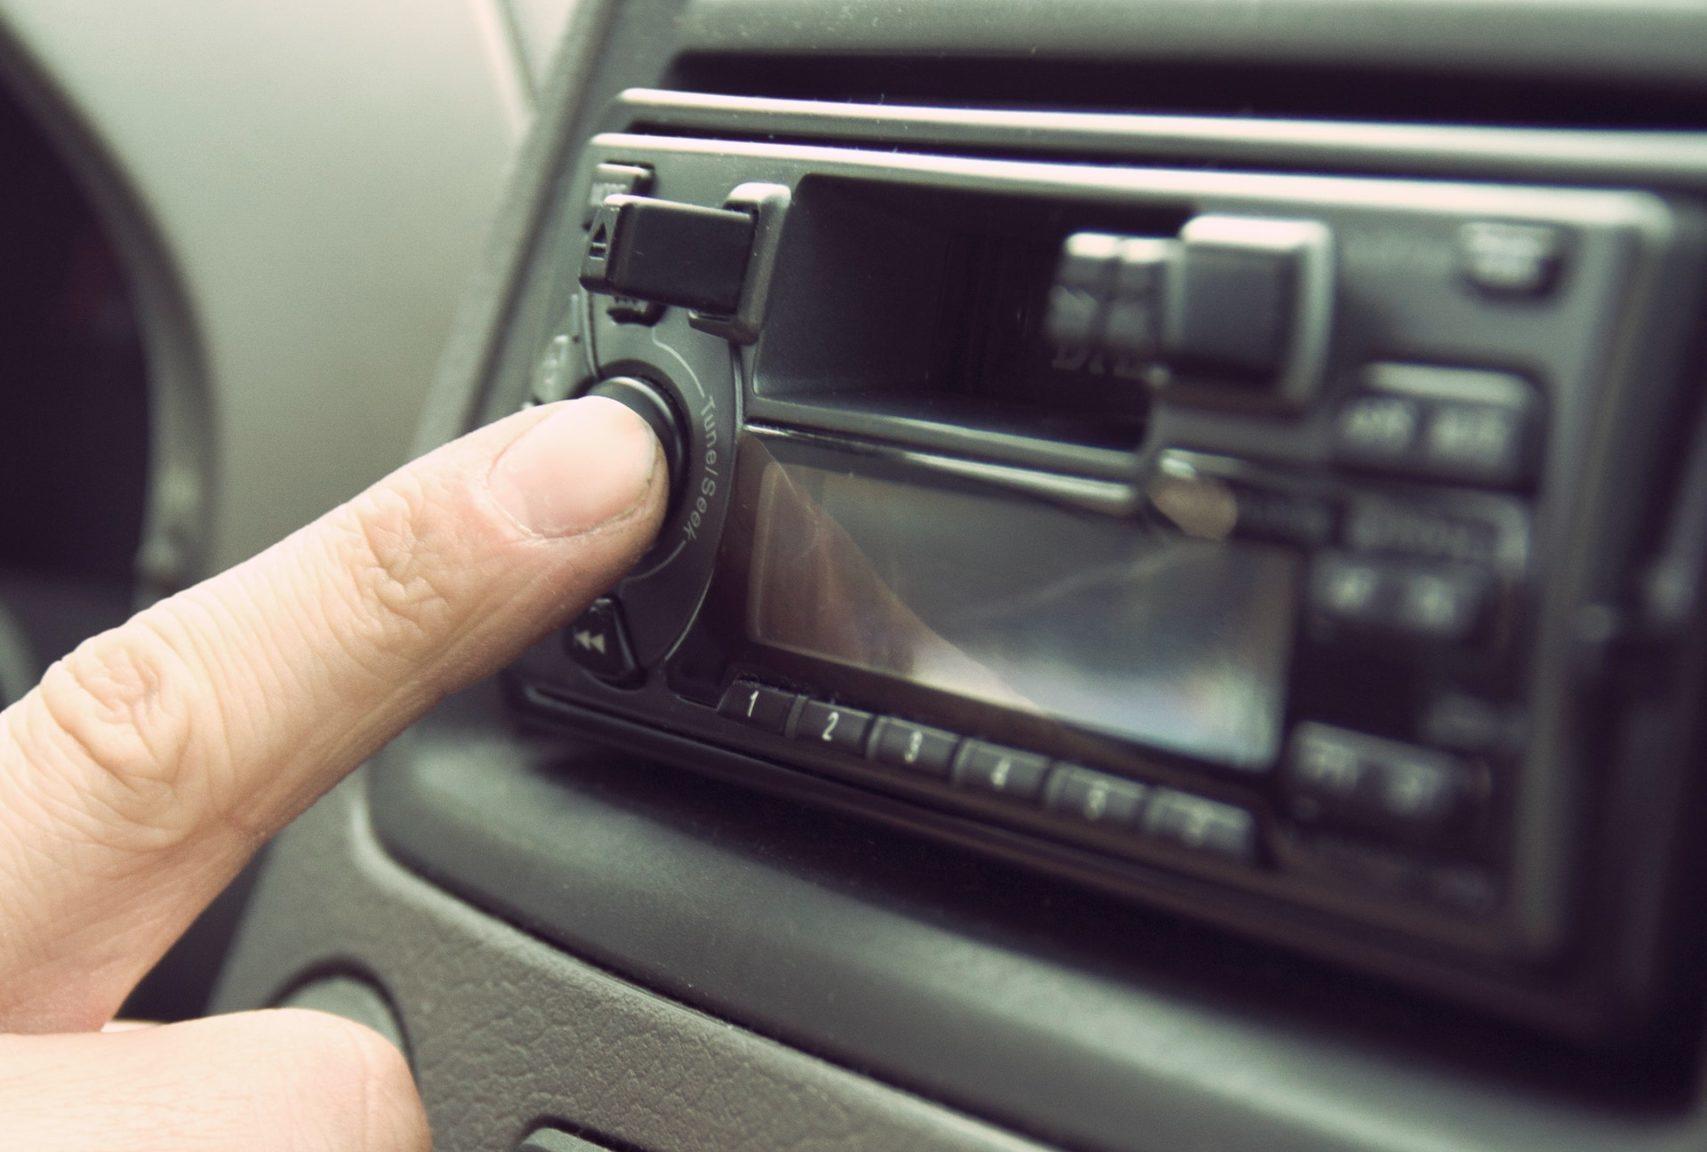 Водитель Новороссийска просит усилить контроль за машинами с громкой музыкой